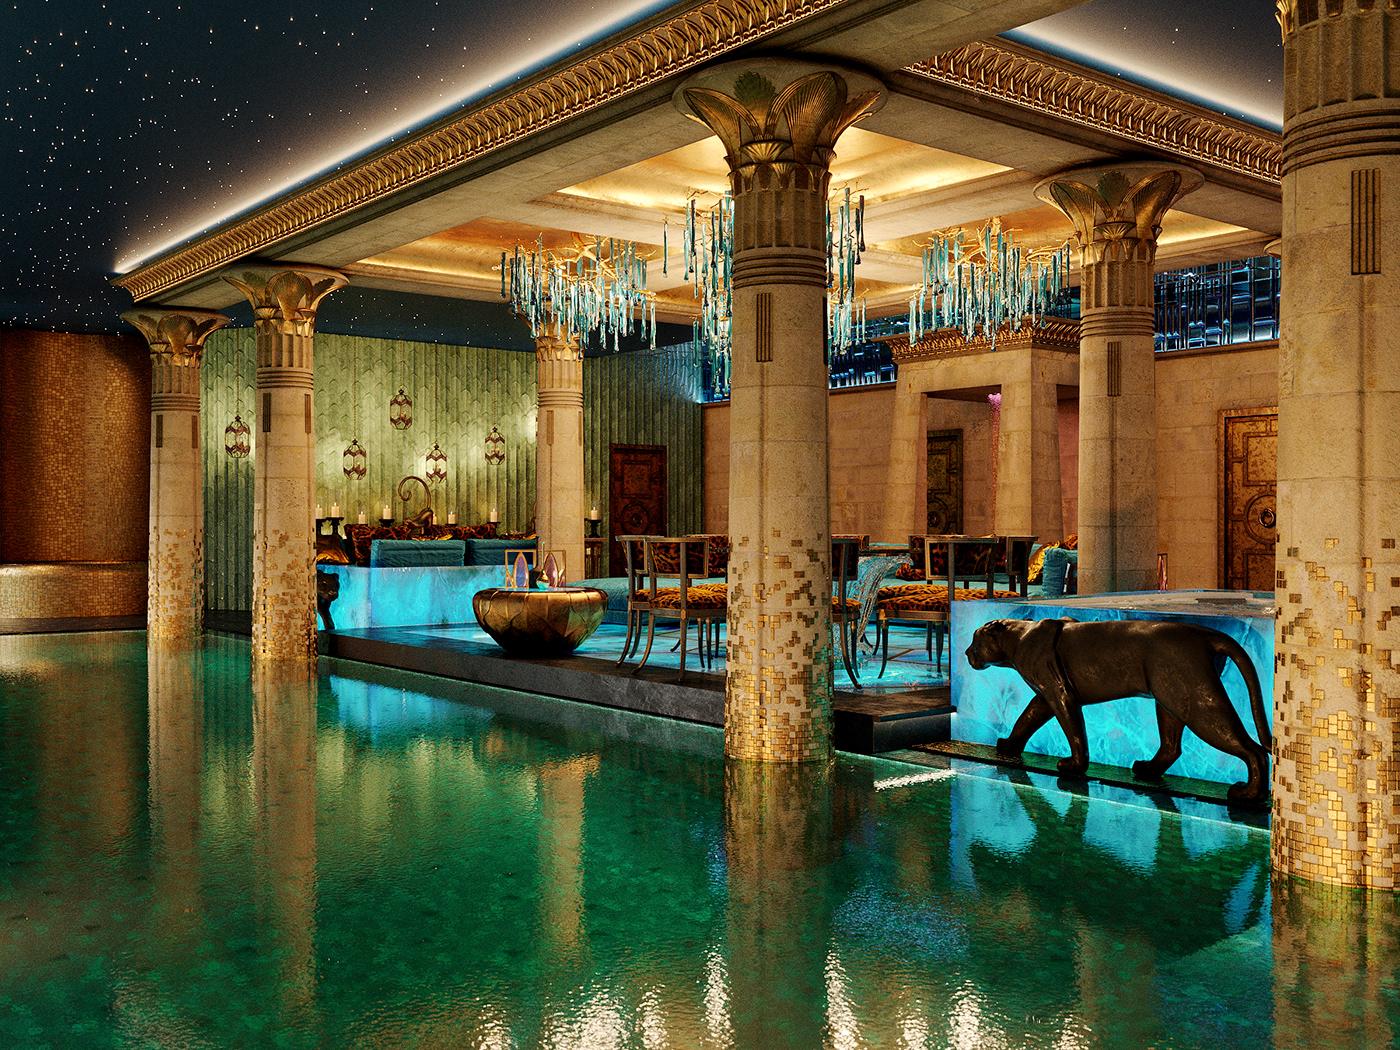 sculpture Pool luxury Renders visuals